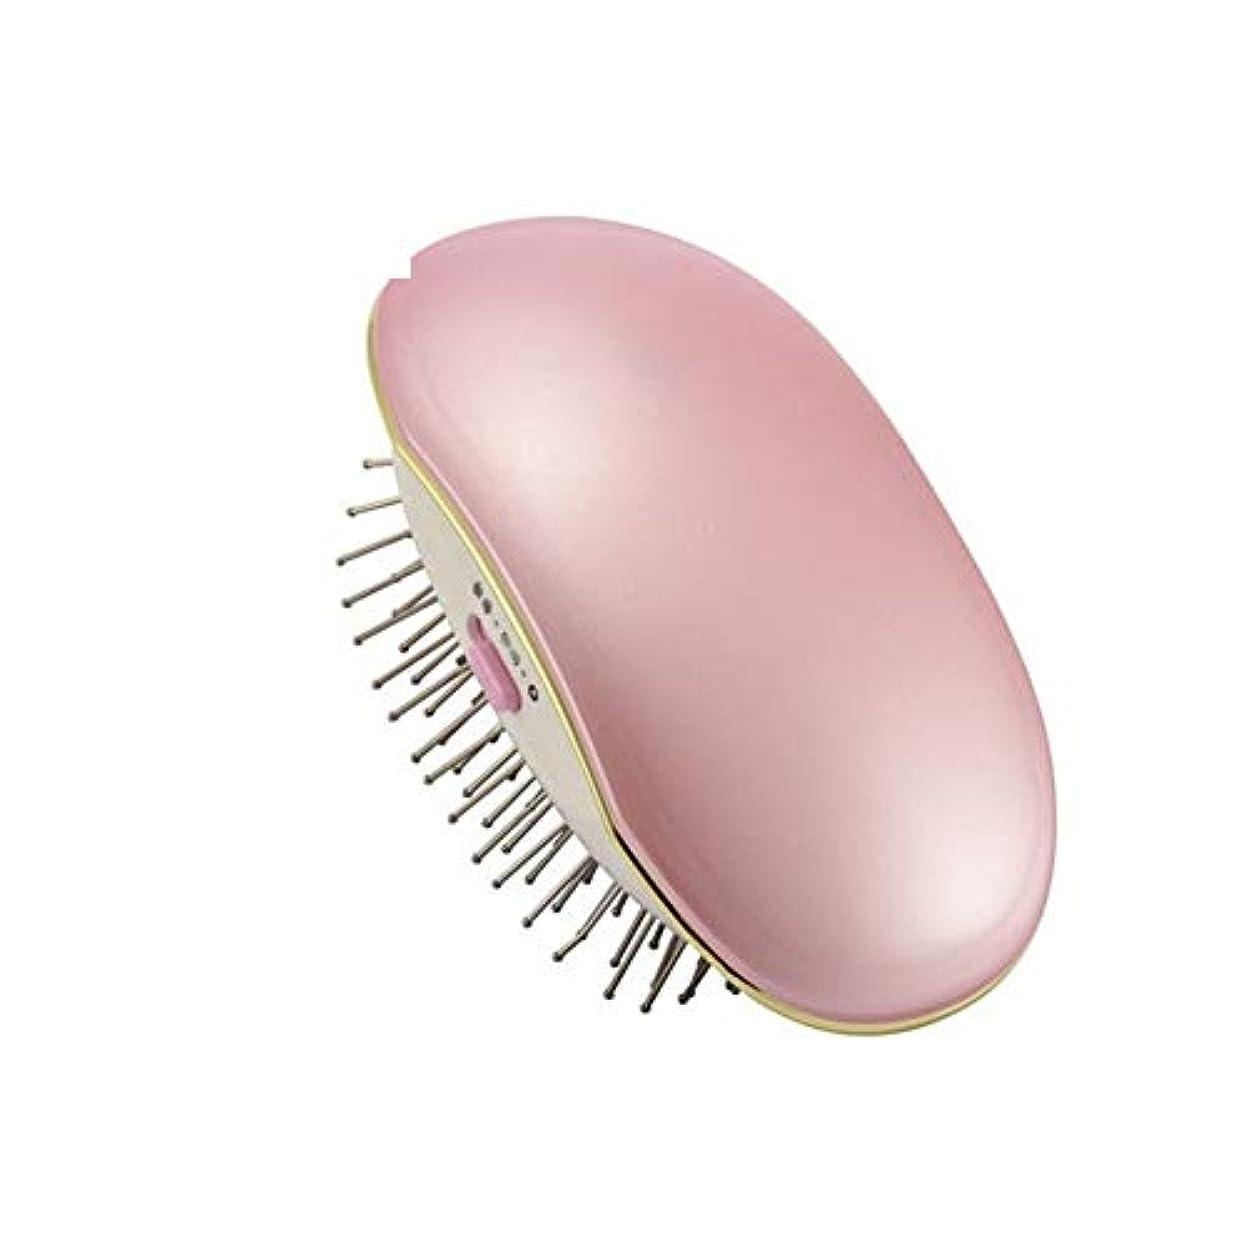 ミスペンド薄めるジョガーLizhenhua ポータブル電気イオンブラシ櫛イオン完璧な矯正スタイラーアイロンブラシケア矯正電気アイロンブラシ (Color : Pink)